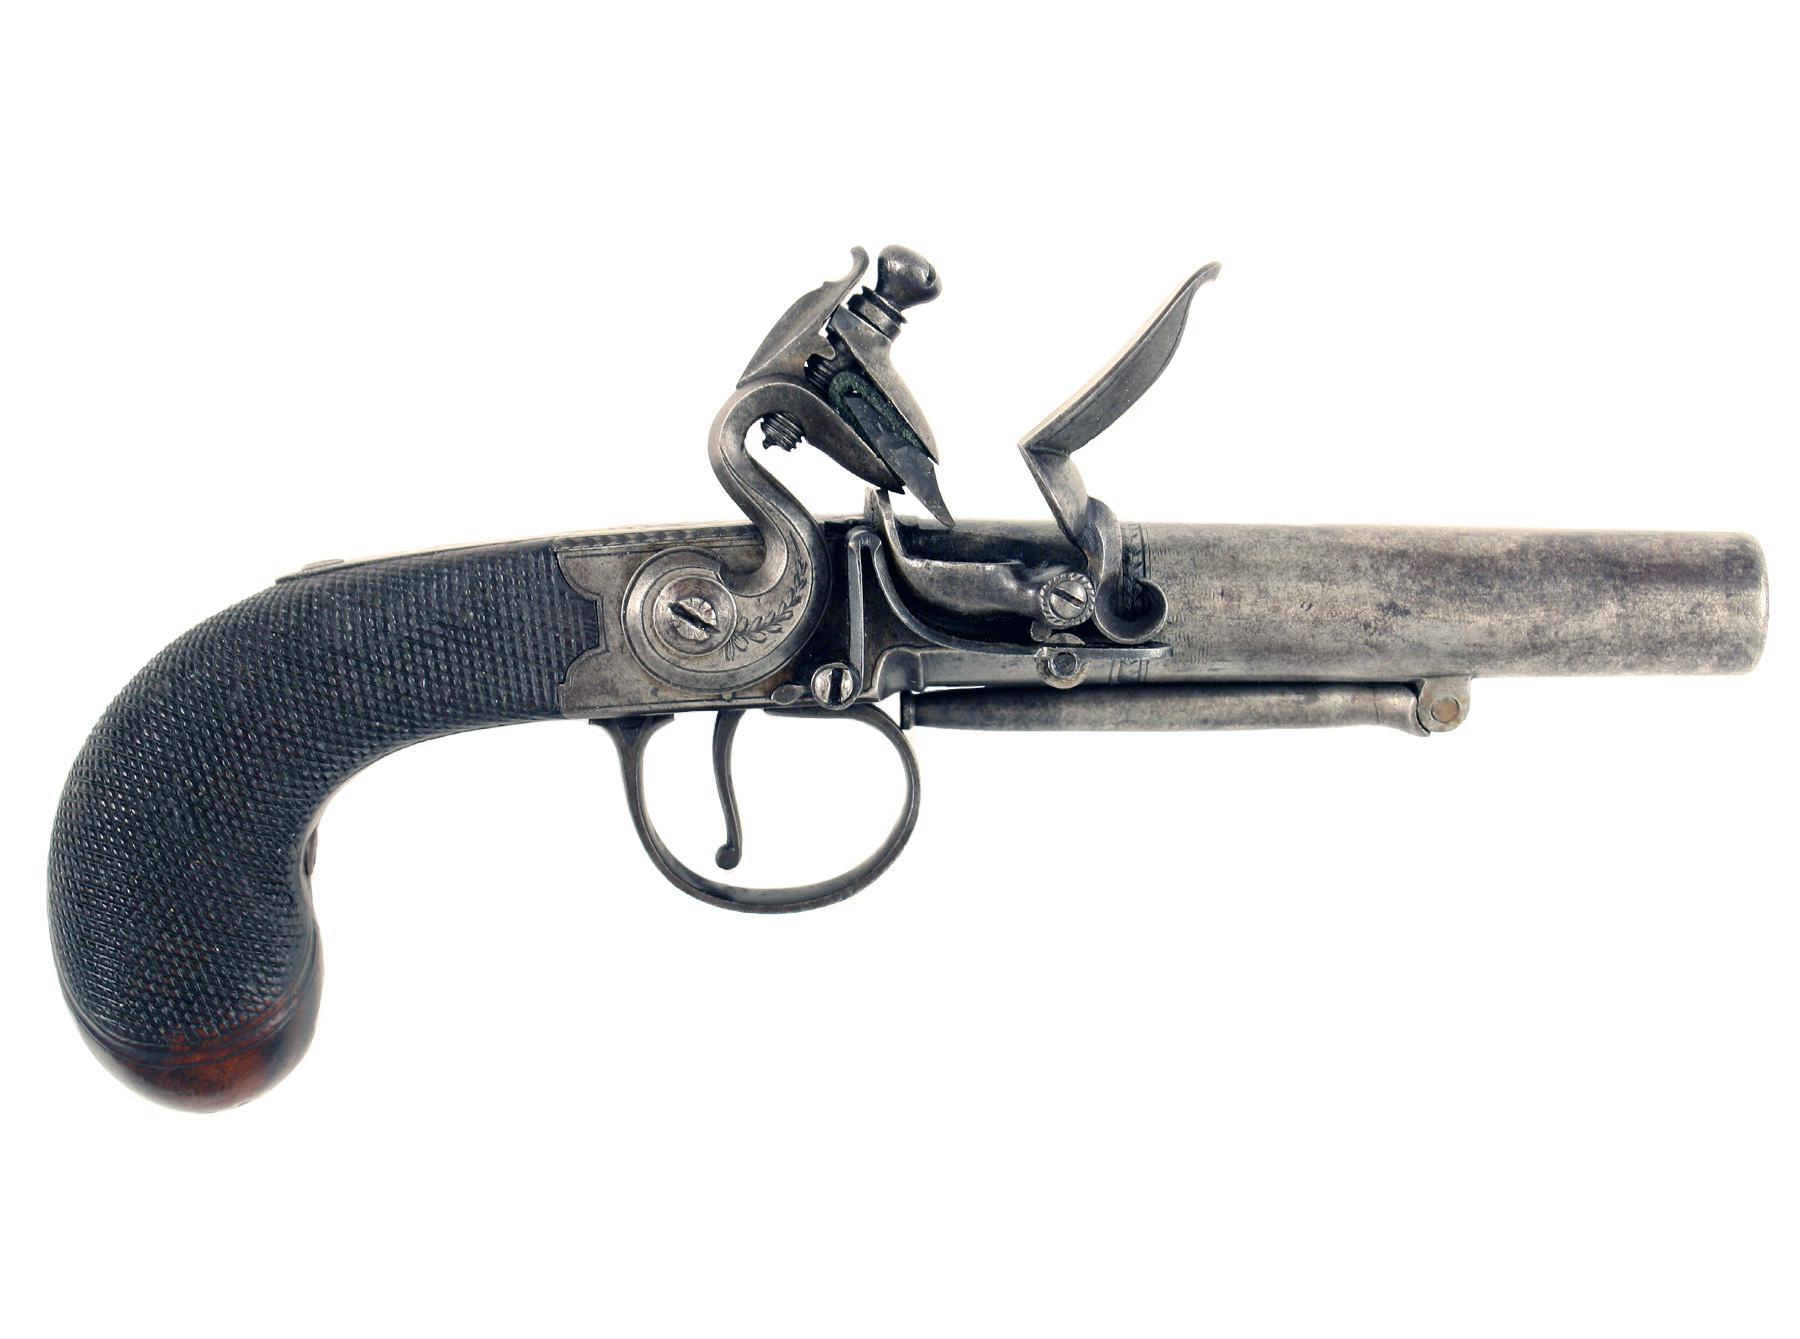 A Pair of Flintlock Pistols by W. Parker of London